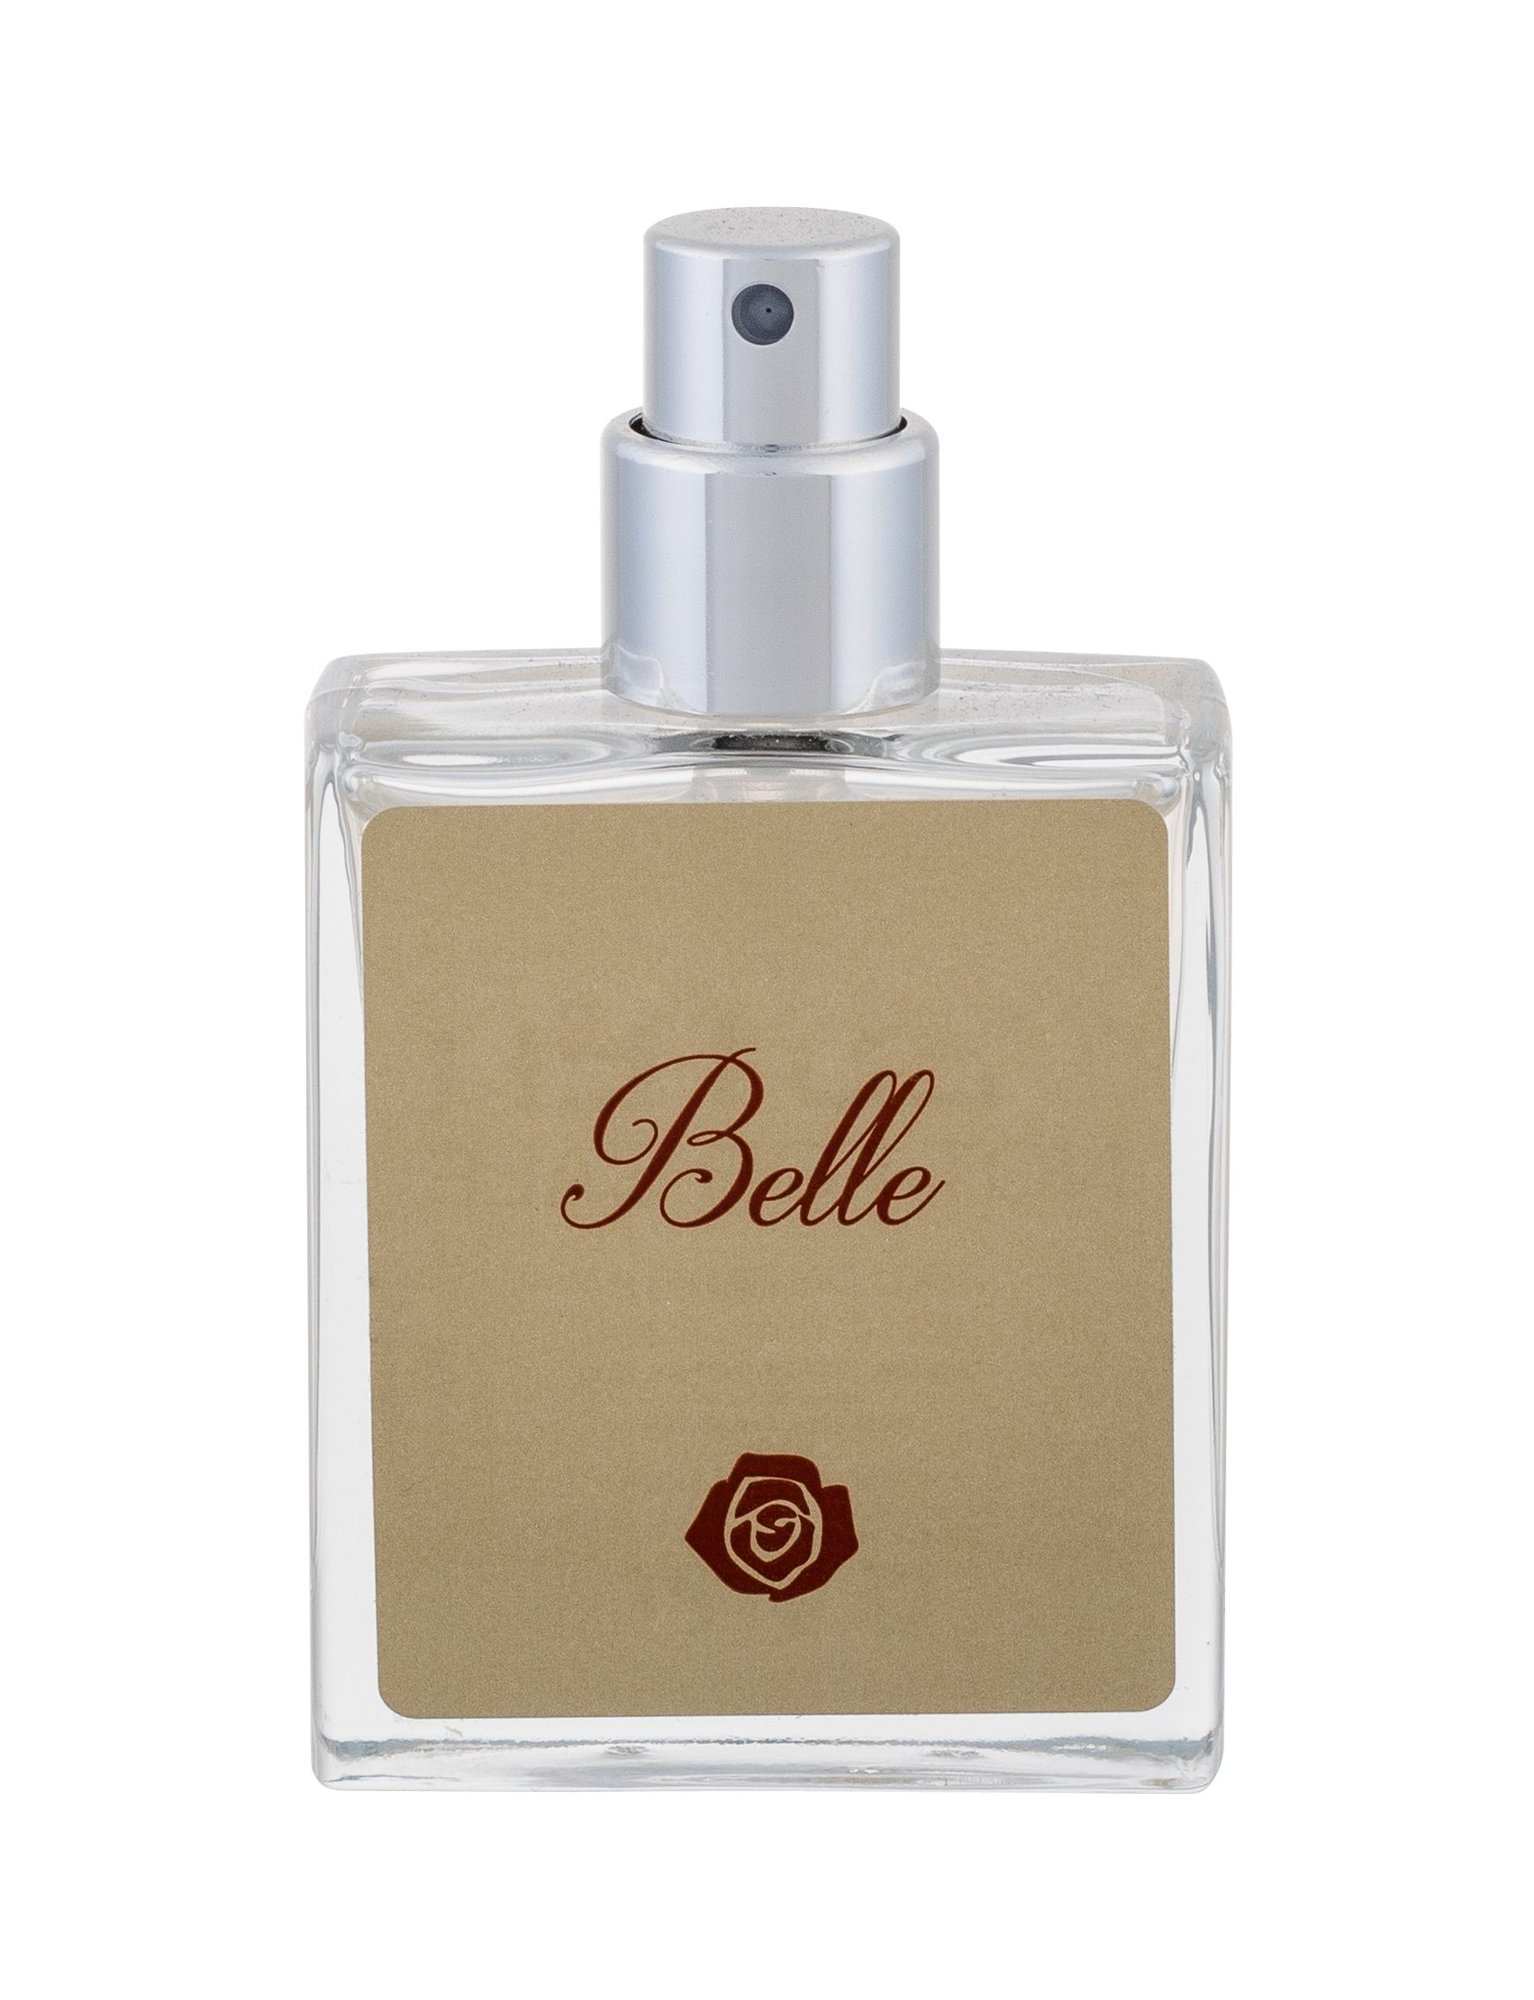 Disney Princess Belle Eau de Parfum 30ml